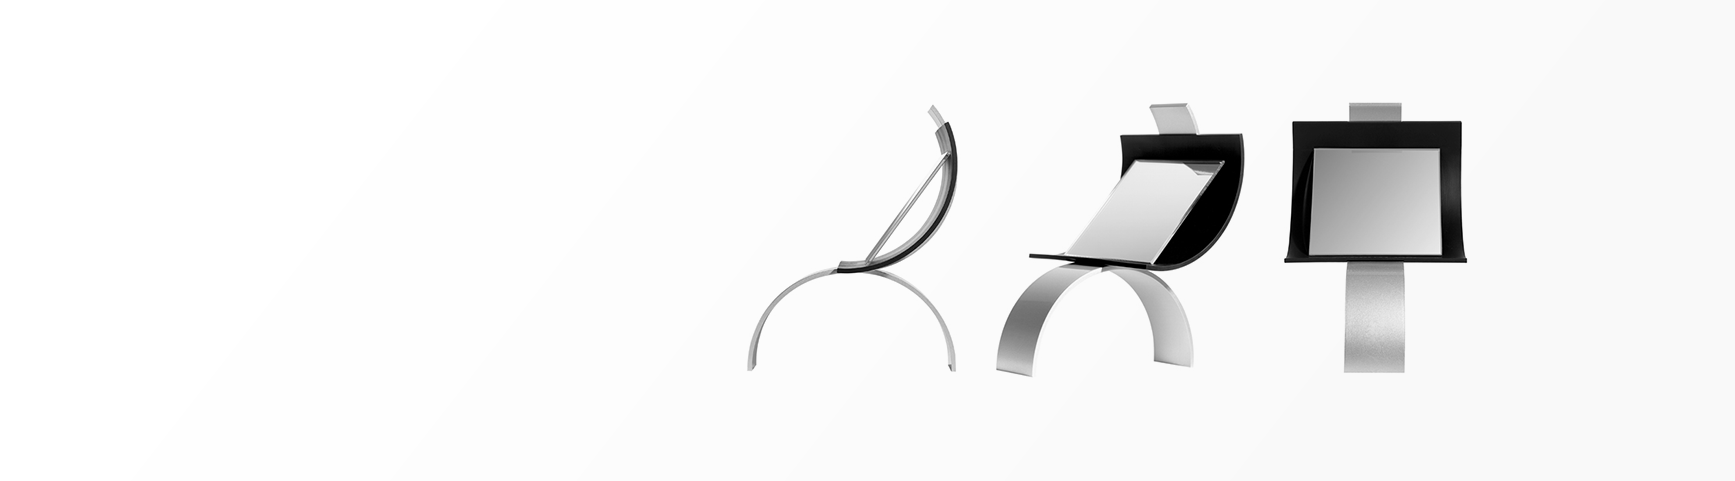 design-verpackungsdesign-displaydesign-objektdesign-visuelle-identitaet-corporatedesign-corporateimage-artdirection-druckvorbereitung